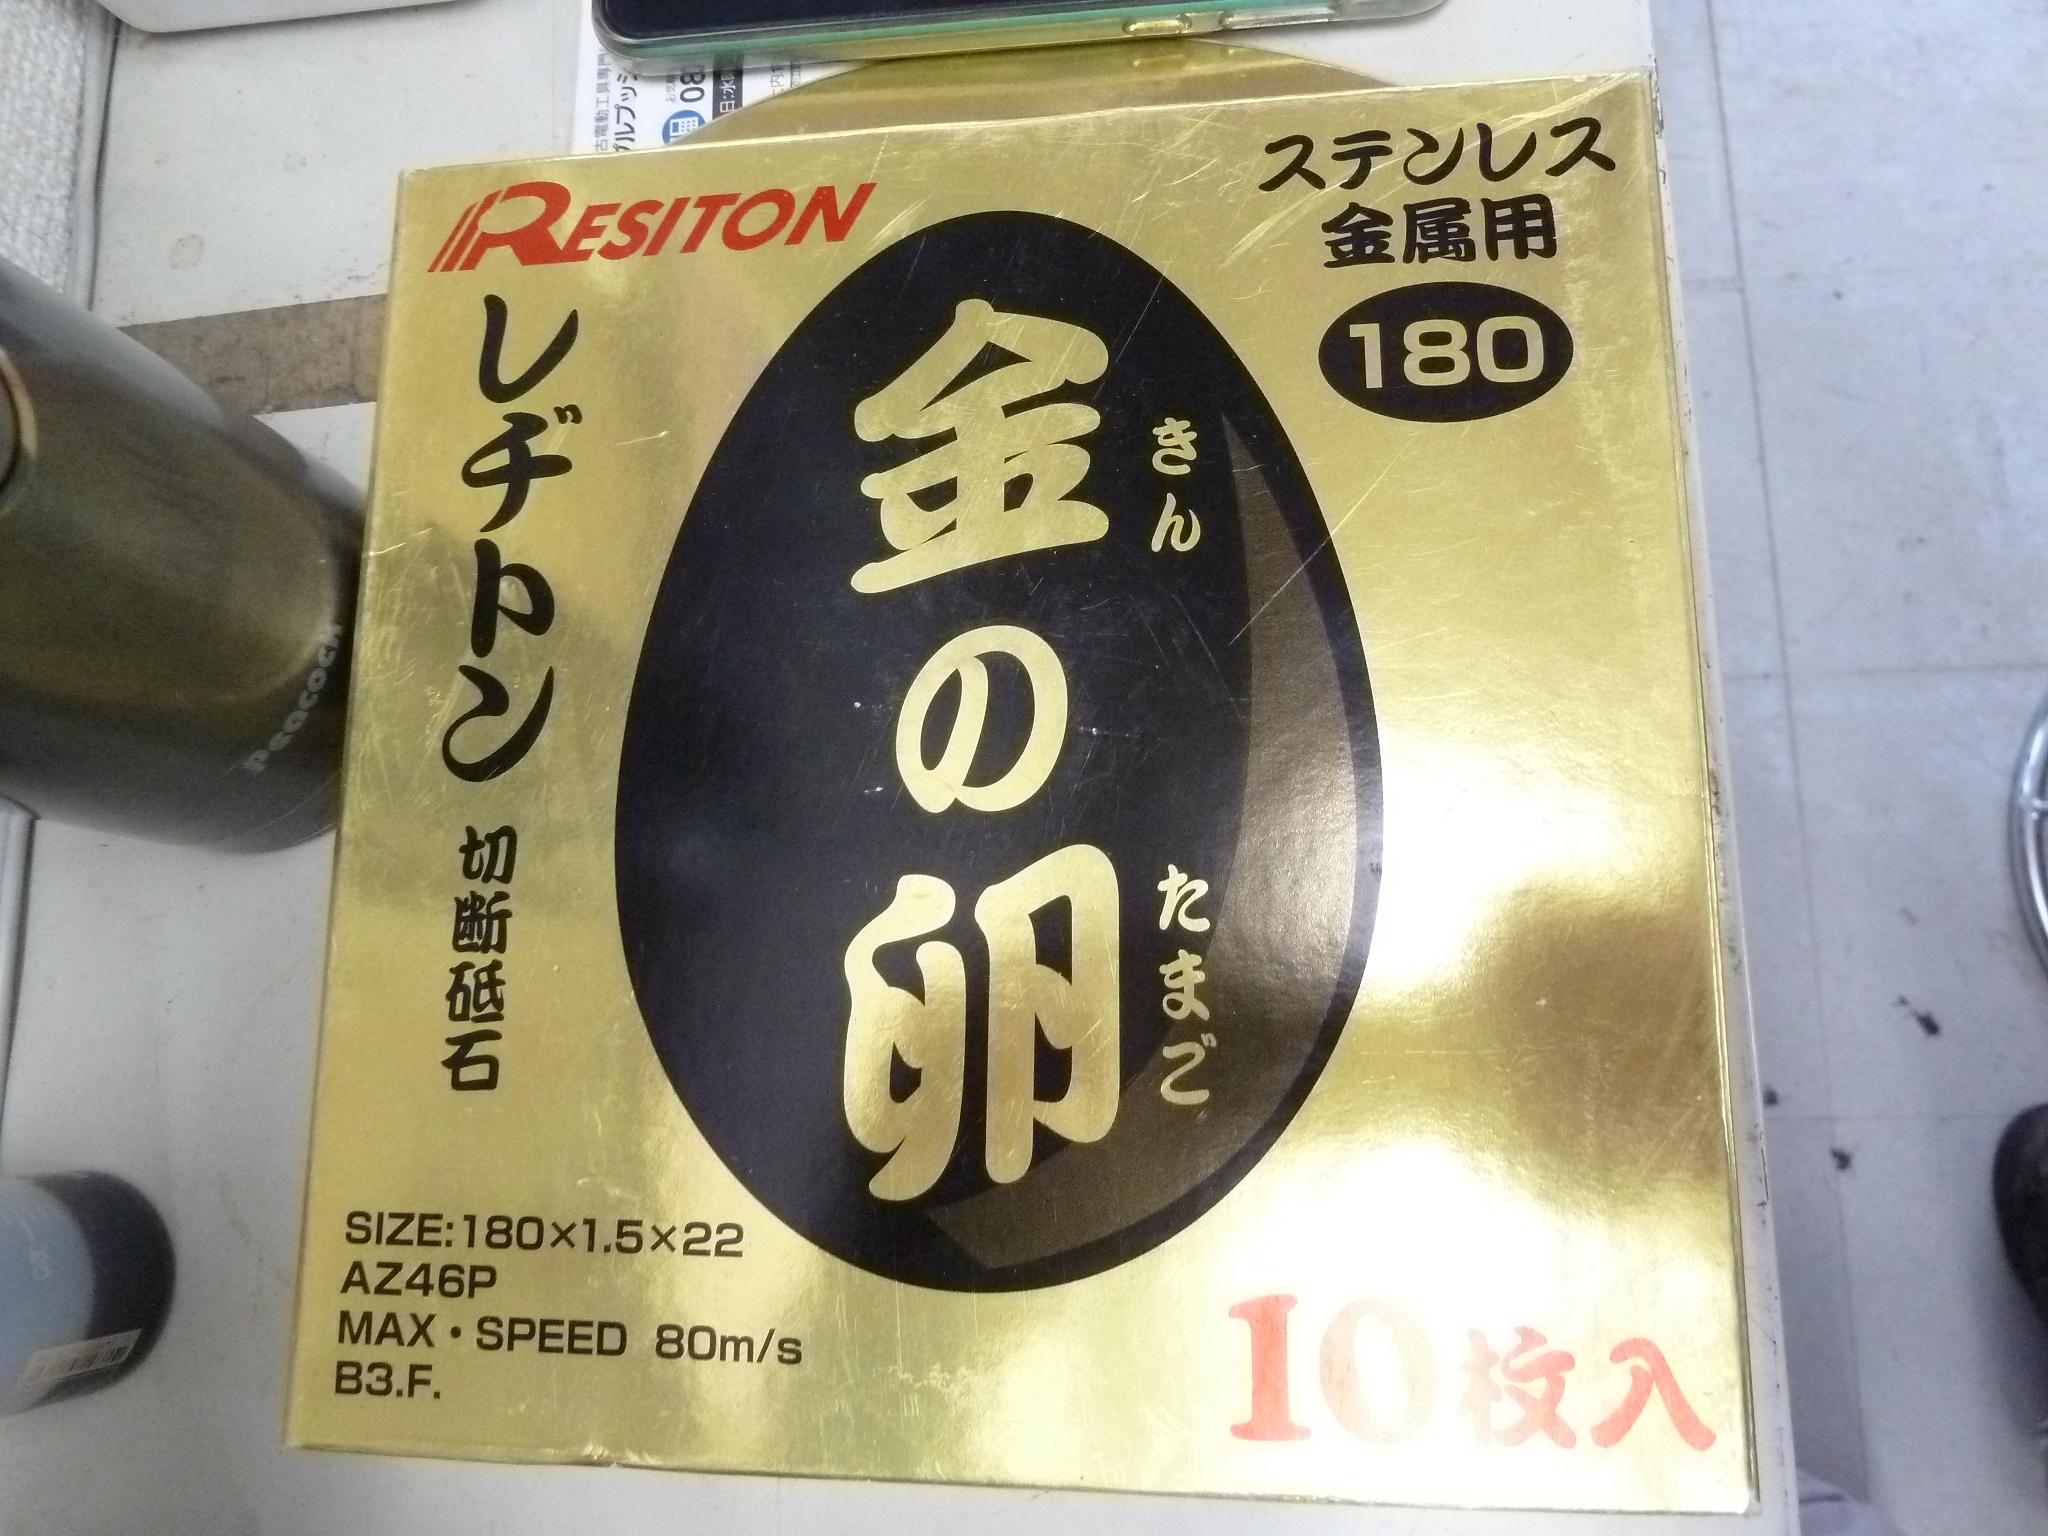 レヂトン切断砥石 金の卵 180mmを買い取りしました!岡山店